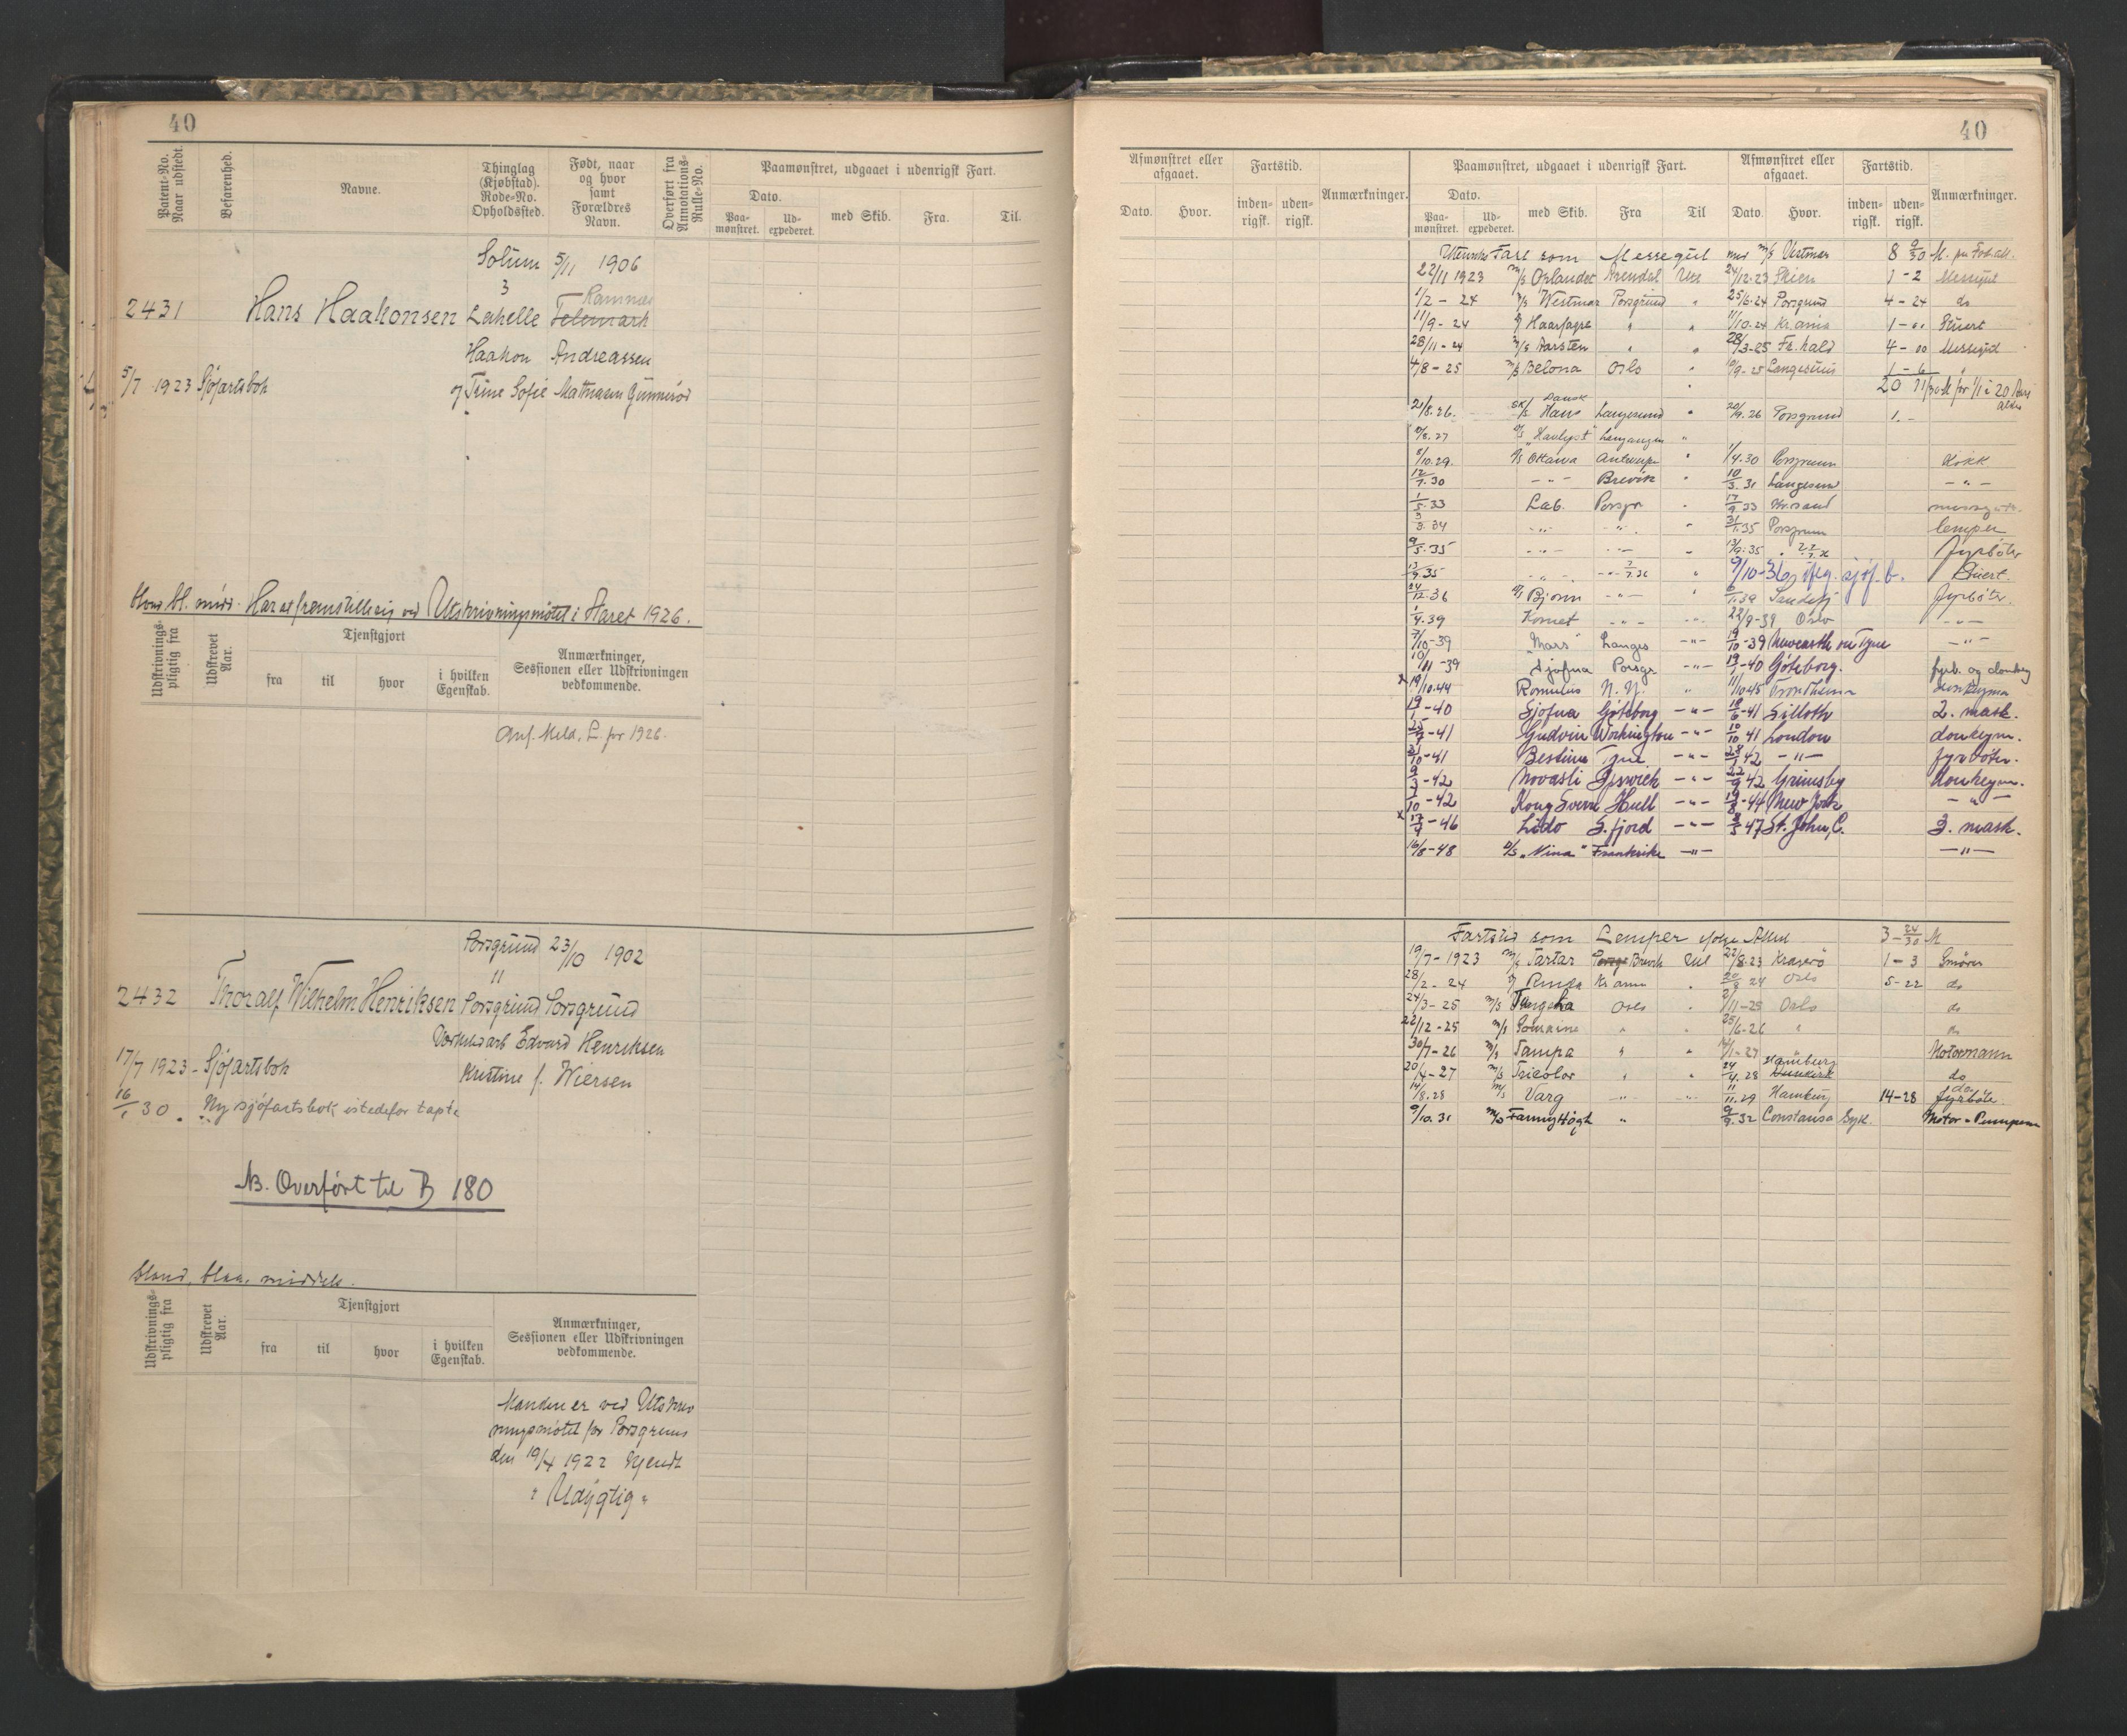 SAKO, Porsgrunn innrulleringskontor, F/Fc/L0009: Hovedrulle, 1920-1948, p. 40